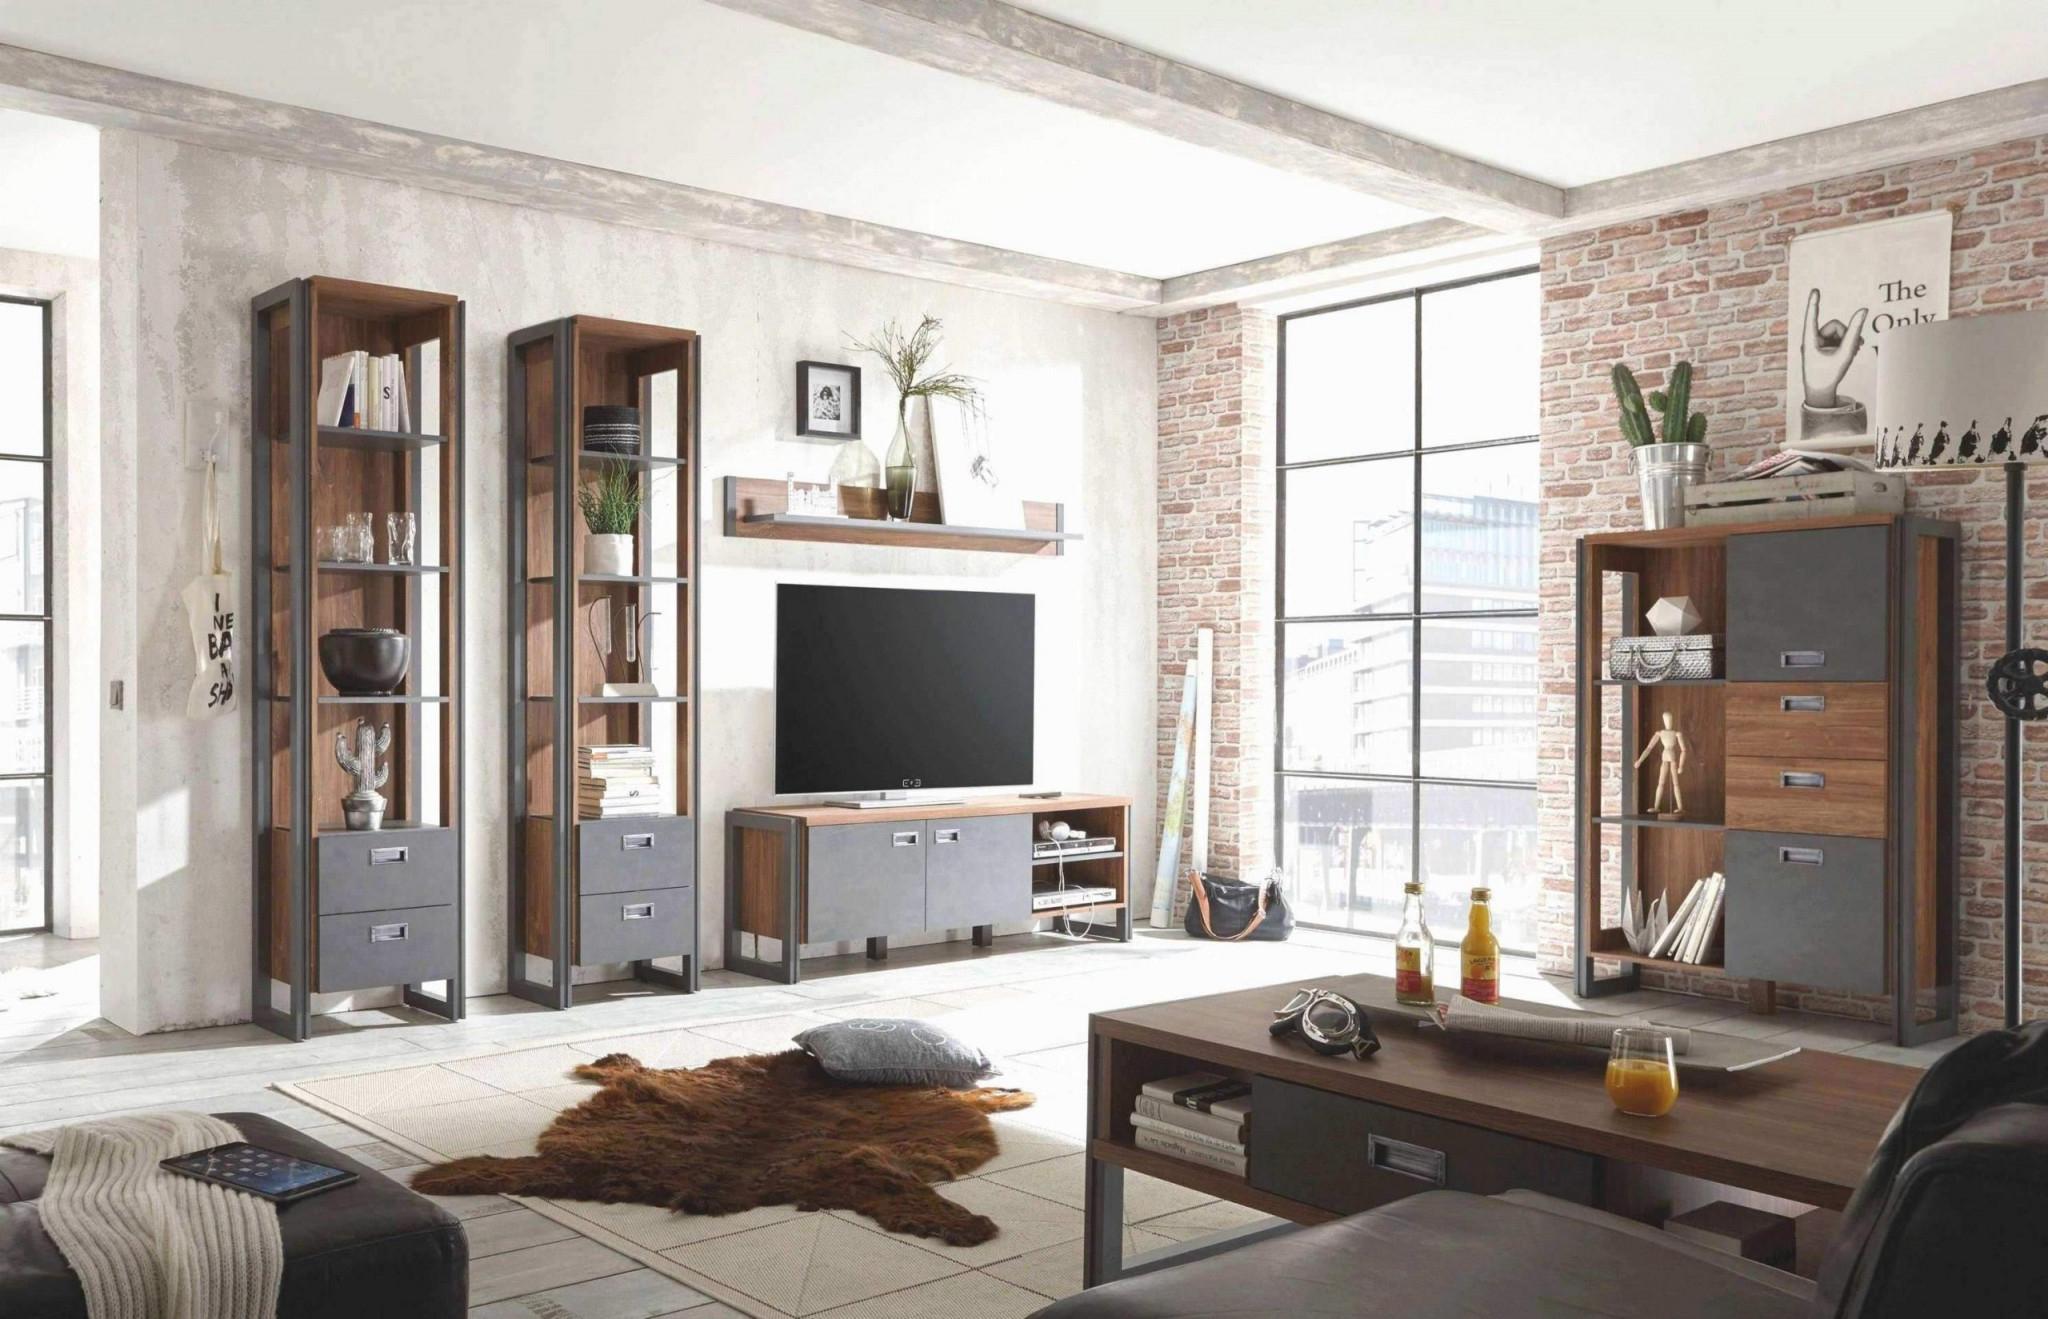 33 Reizend 16 Qm Wohnzimmer Einrichten Genial  Wohnzimmer von 16 Qm Wohnzimmer Einrichten Bild